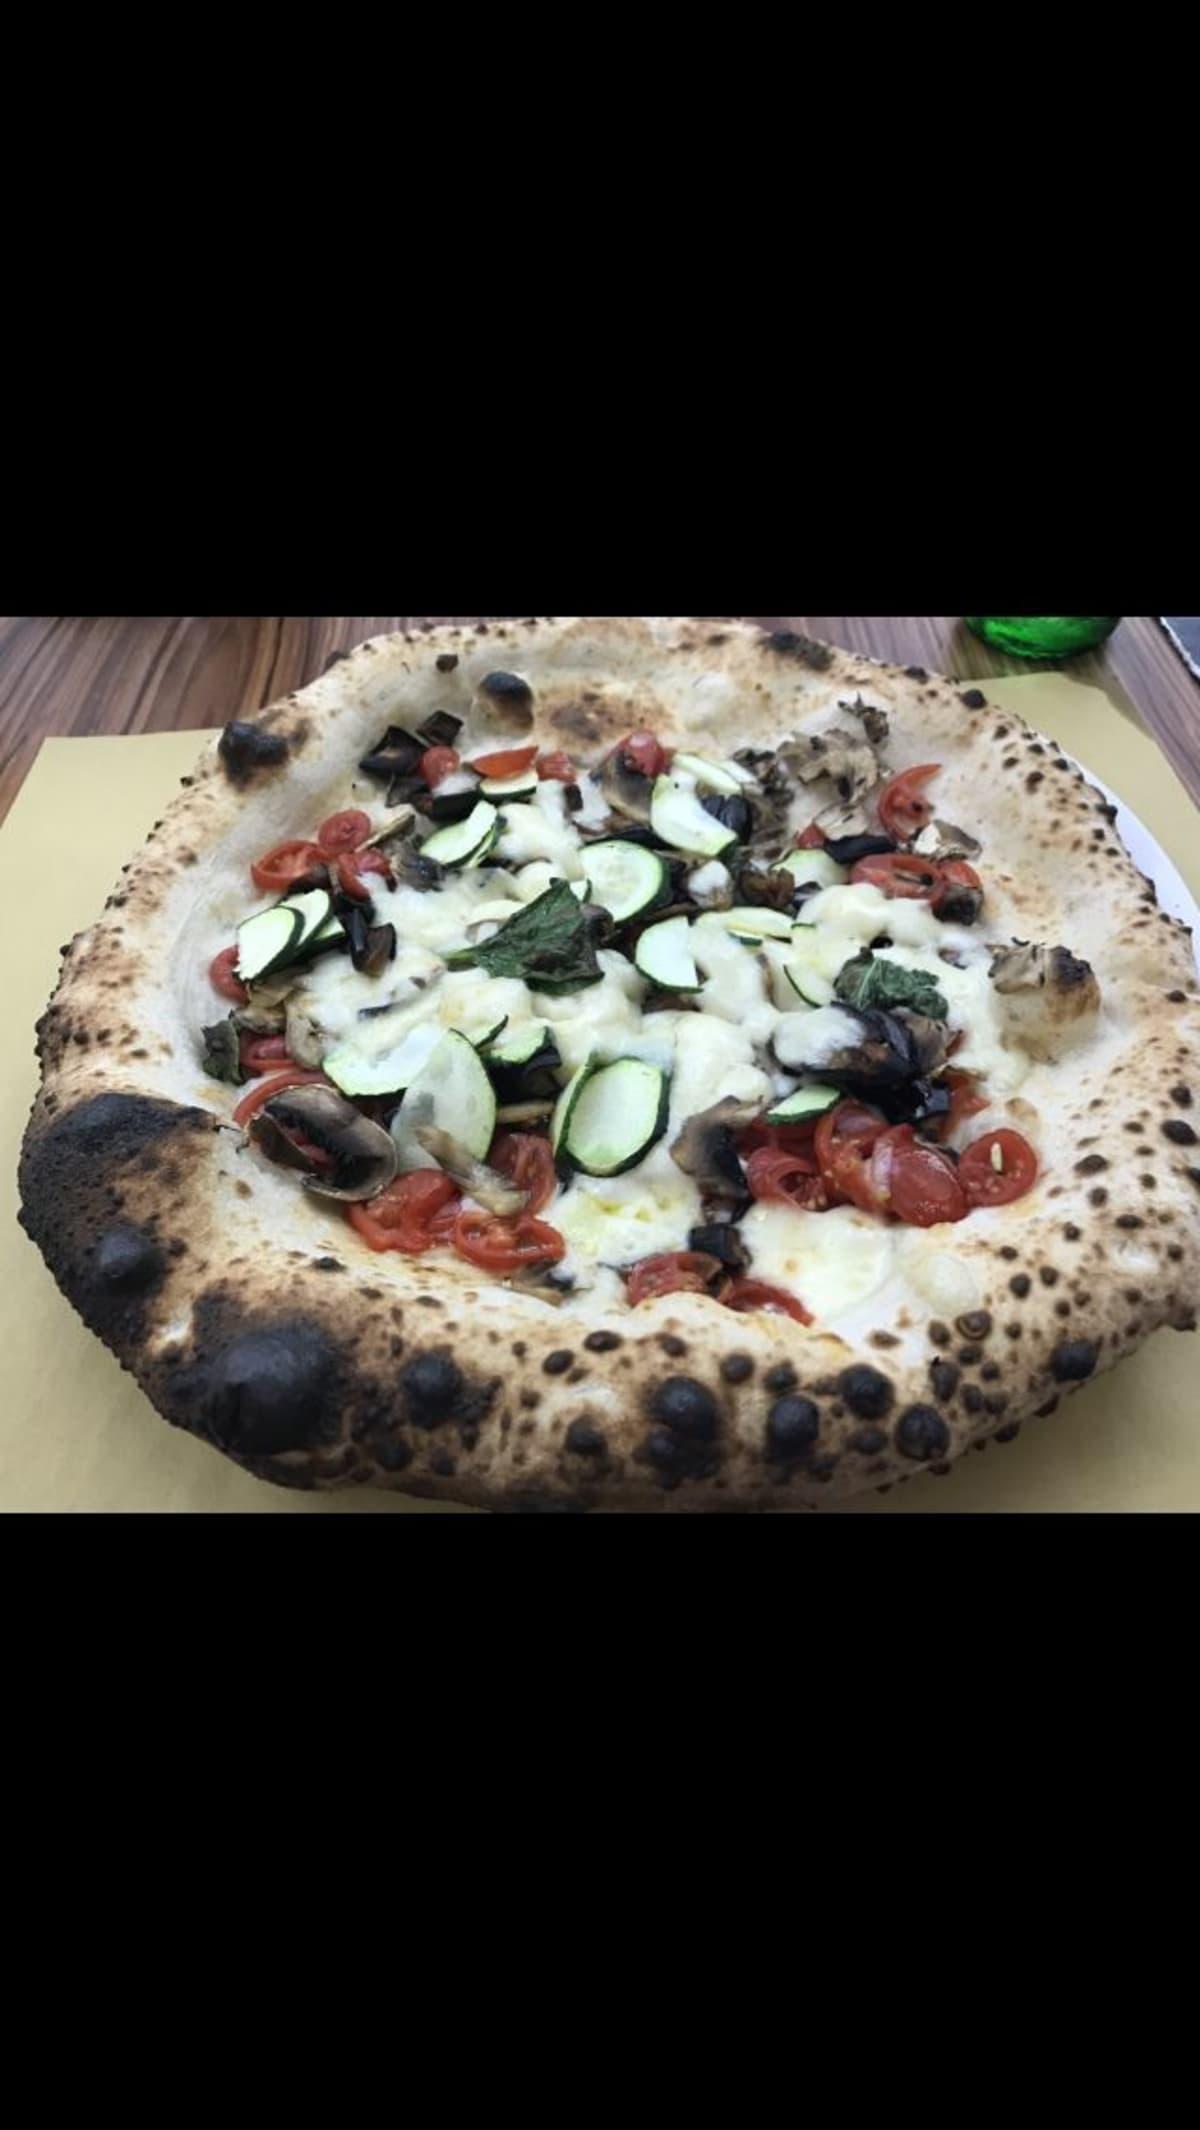 ガイドさんにはマルゲリータを是非食べて、と 勧められていたのですが、つい具が沢山のピザを 選びました。美味しかったです。   ナポリ